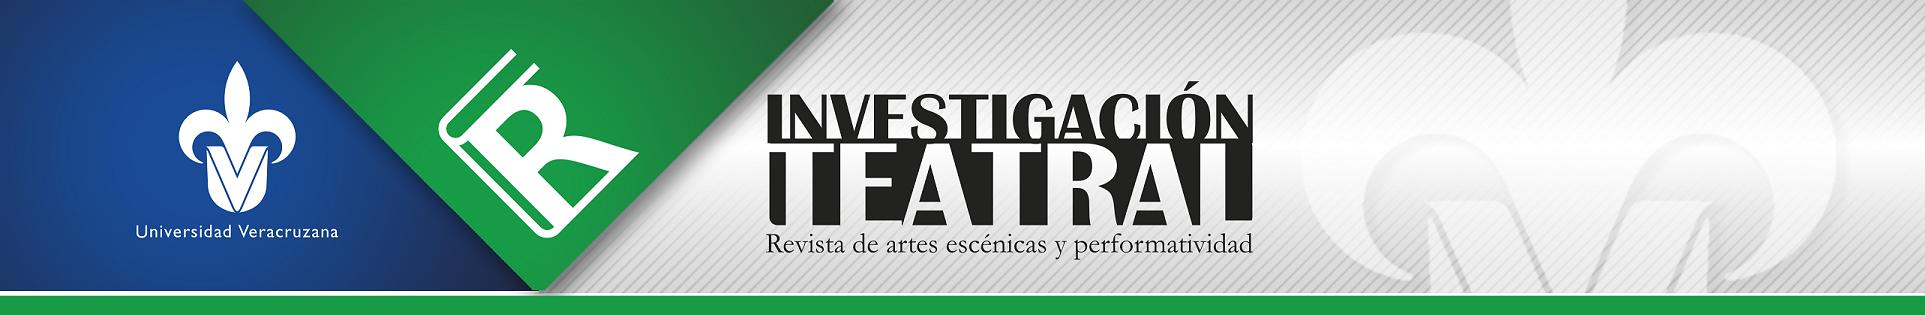 Investigación Teatral